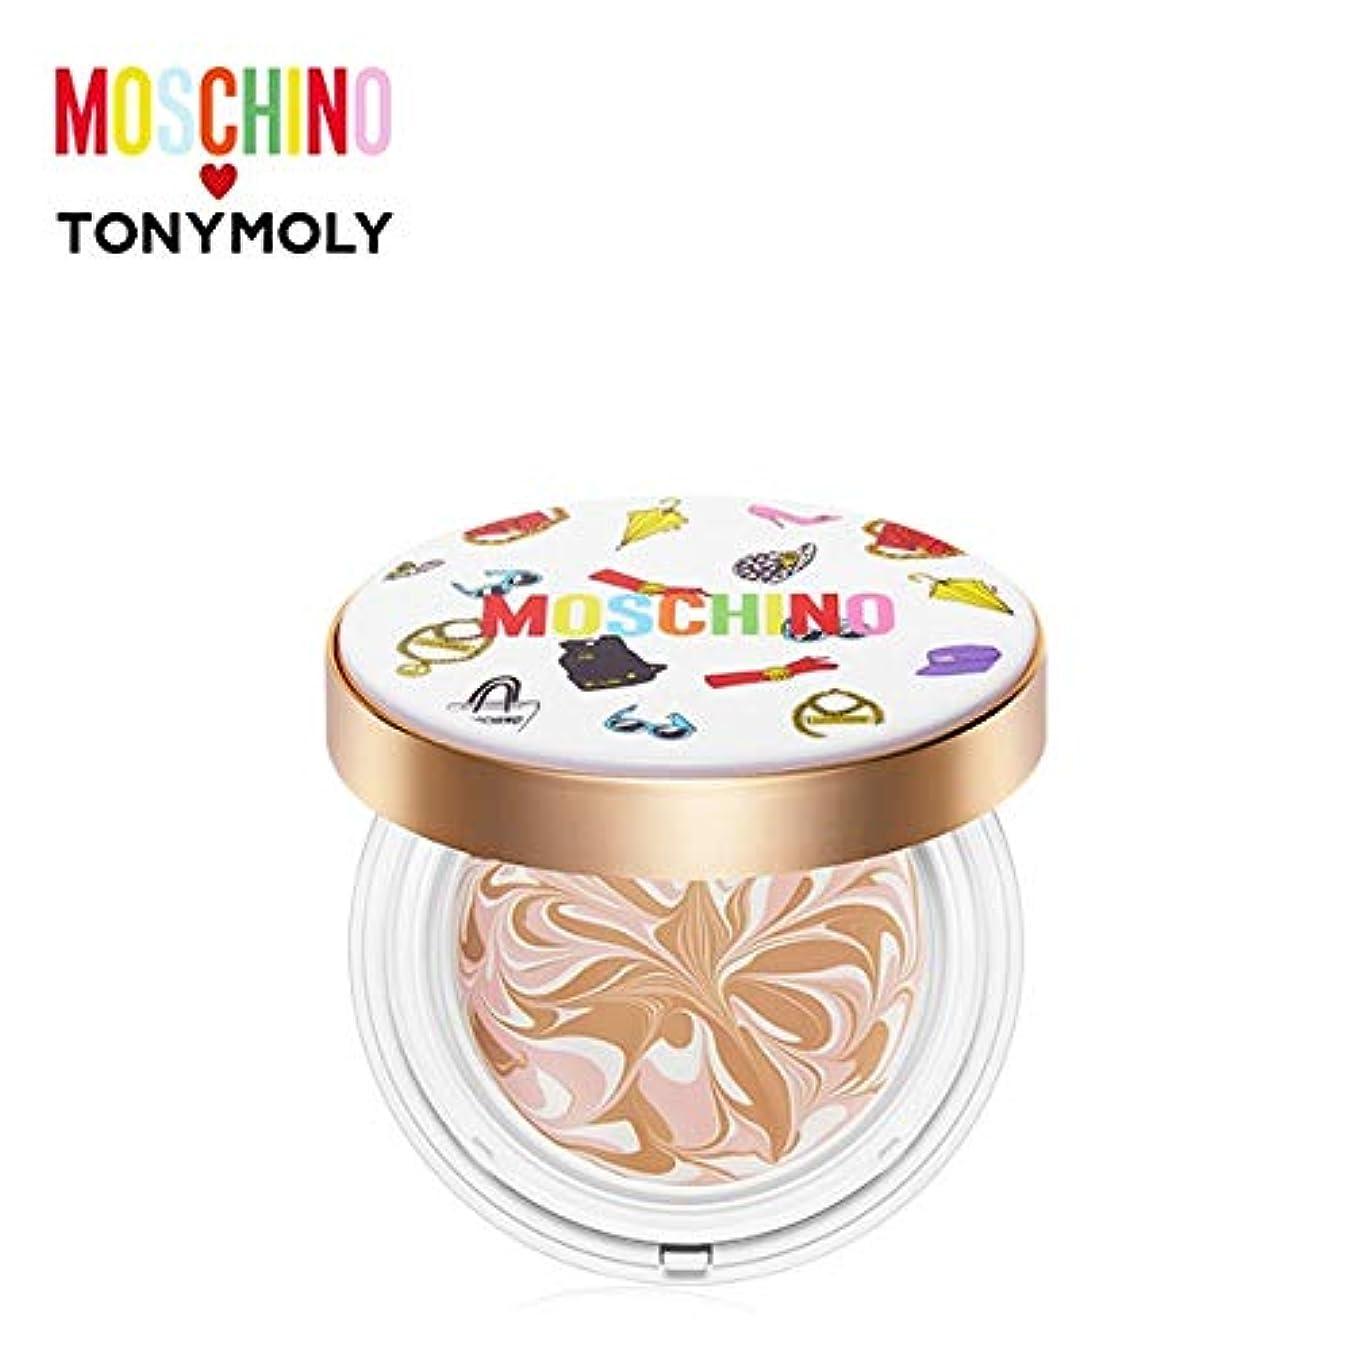 満足させるひも暗黙トニーモリー [モスキーノ] シック スキン エッセンス パクト 18g TONYMOLY [MOSCHINO] Chic Skin Essence Pact #02 CHIC BEIGE [並行輸入品]